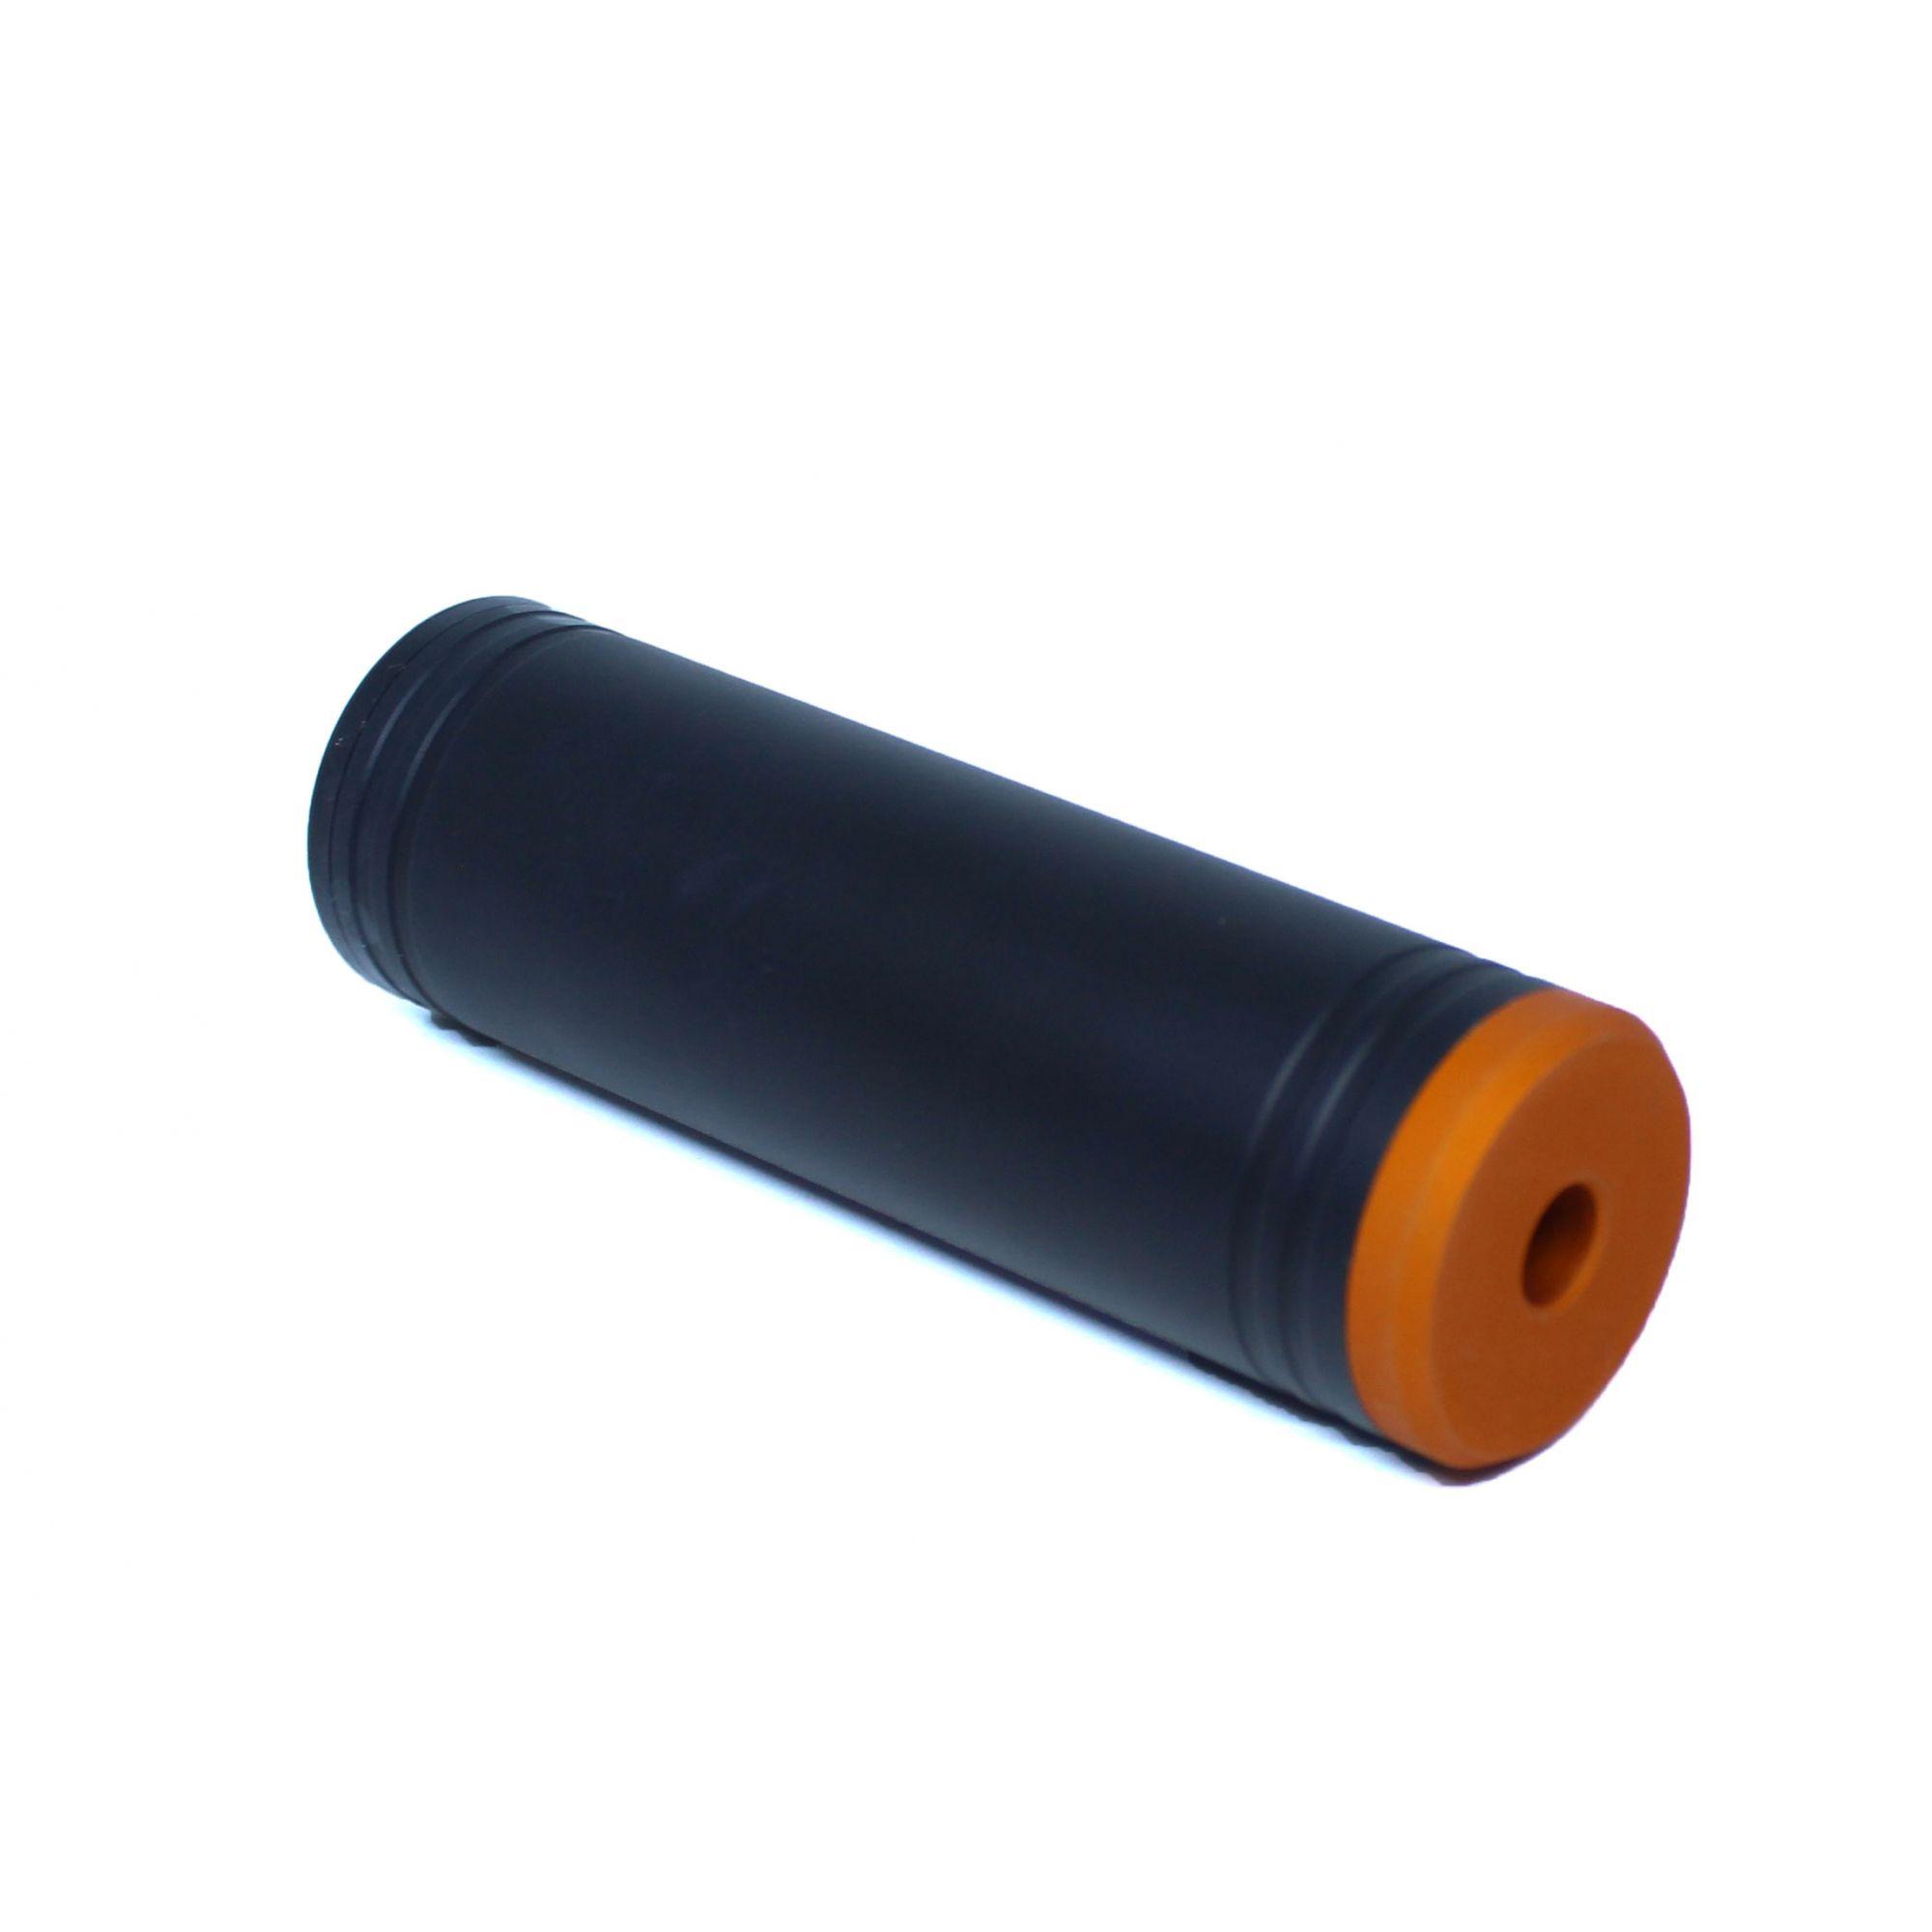 Silenciador Liso 120mm x 35mm - Esquerdo